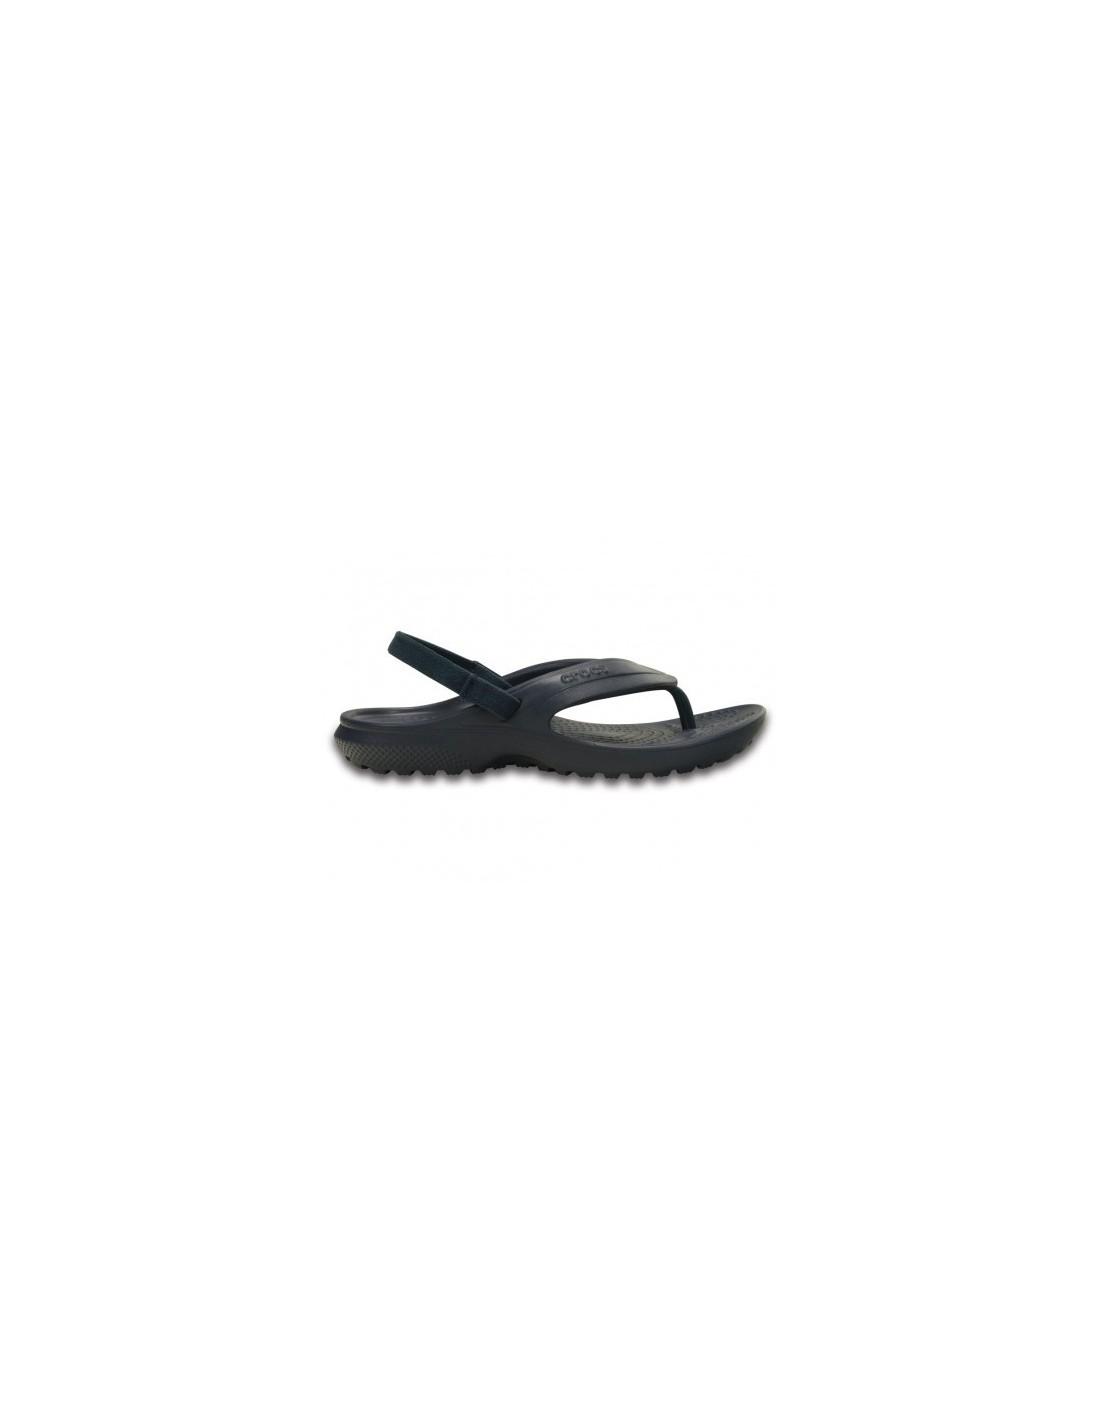 ufficiale colori delicati negozio ufficiale Crocs Classic Flip blu infradito mare bambino con elastico 202871-410